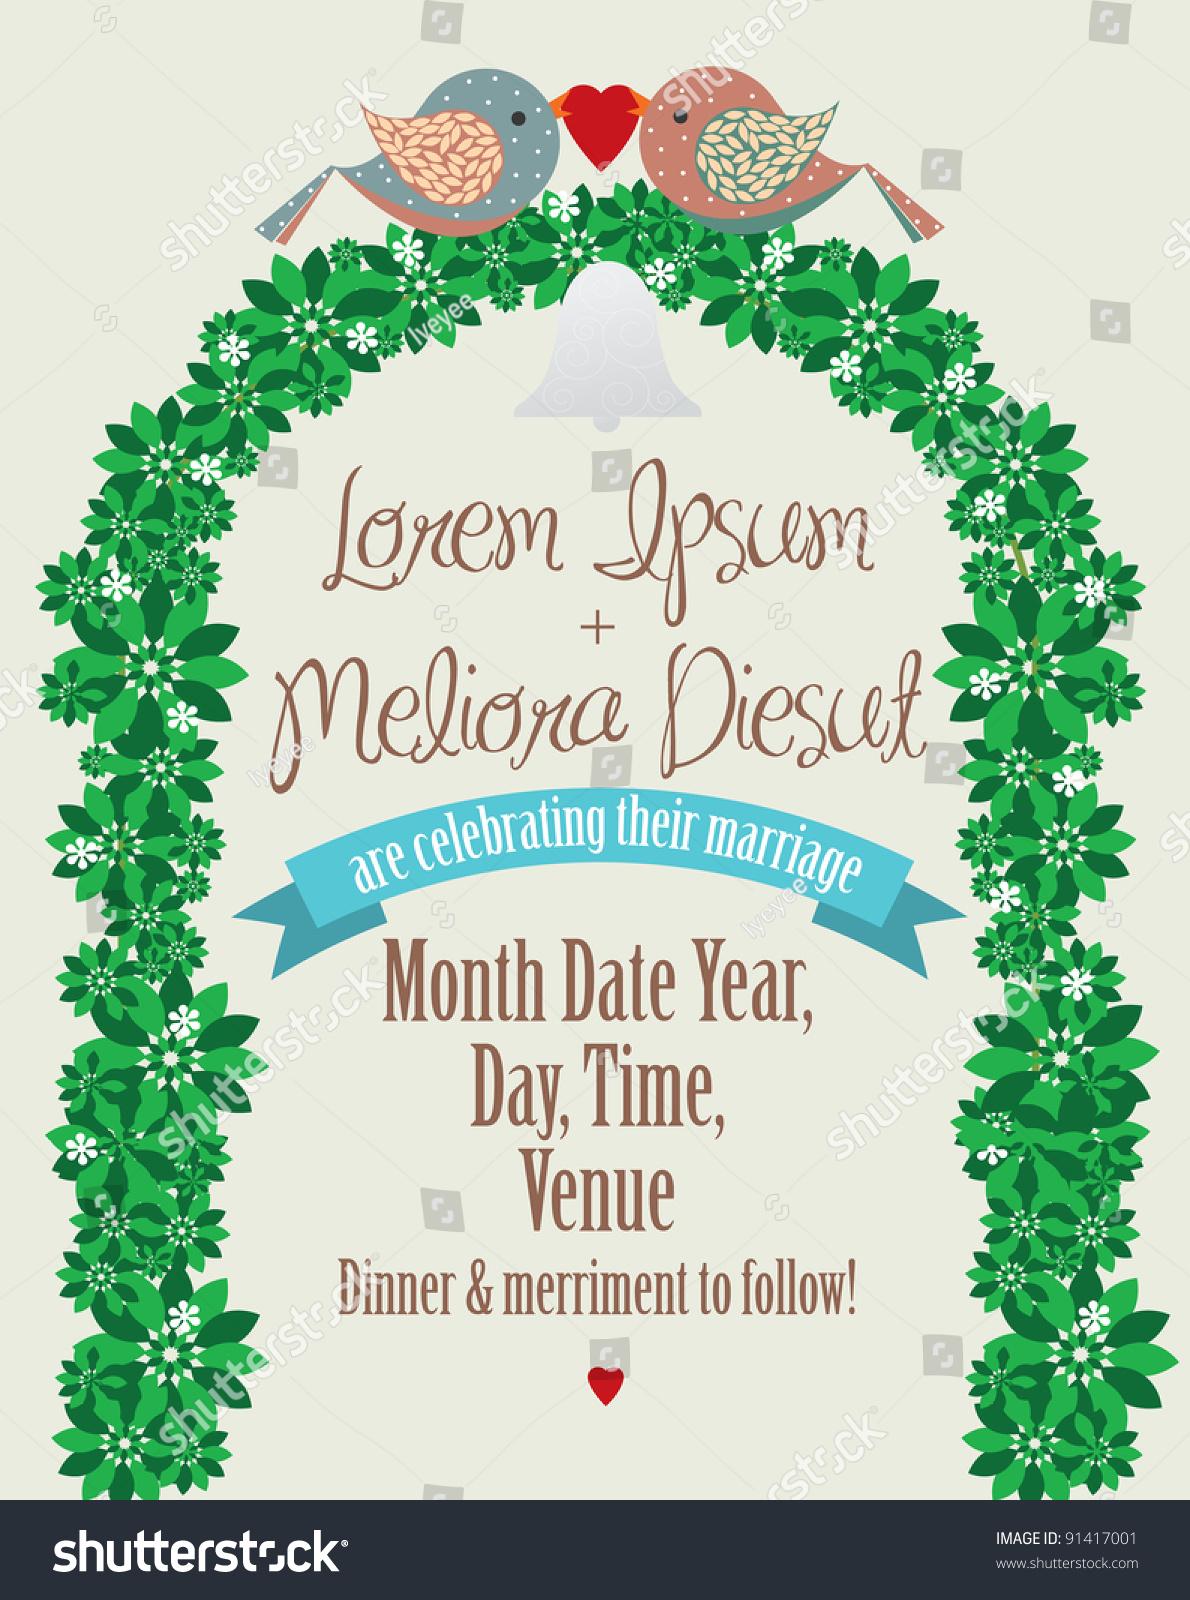 Wedding Invite Card Template Vector 91417001 Shutterstock – Invite Card